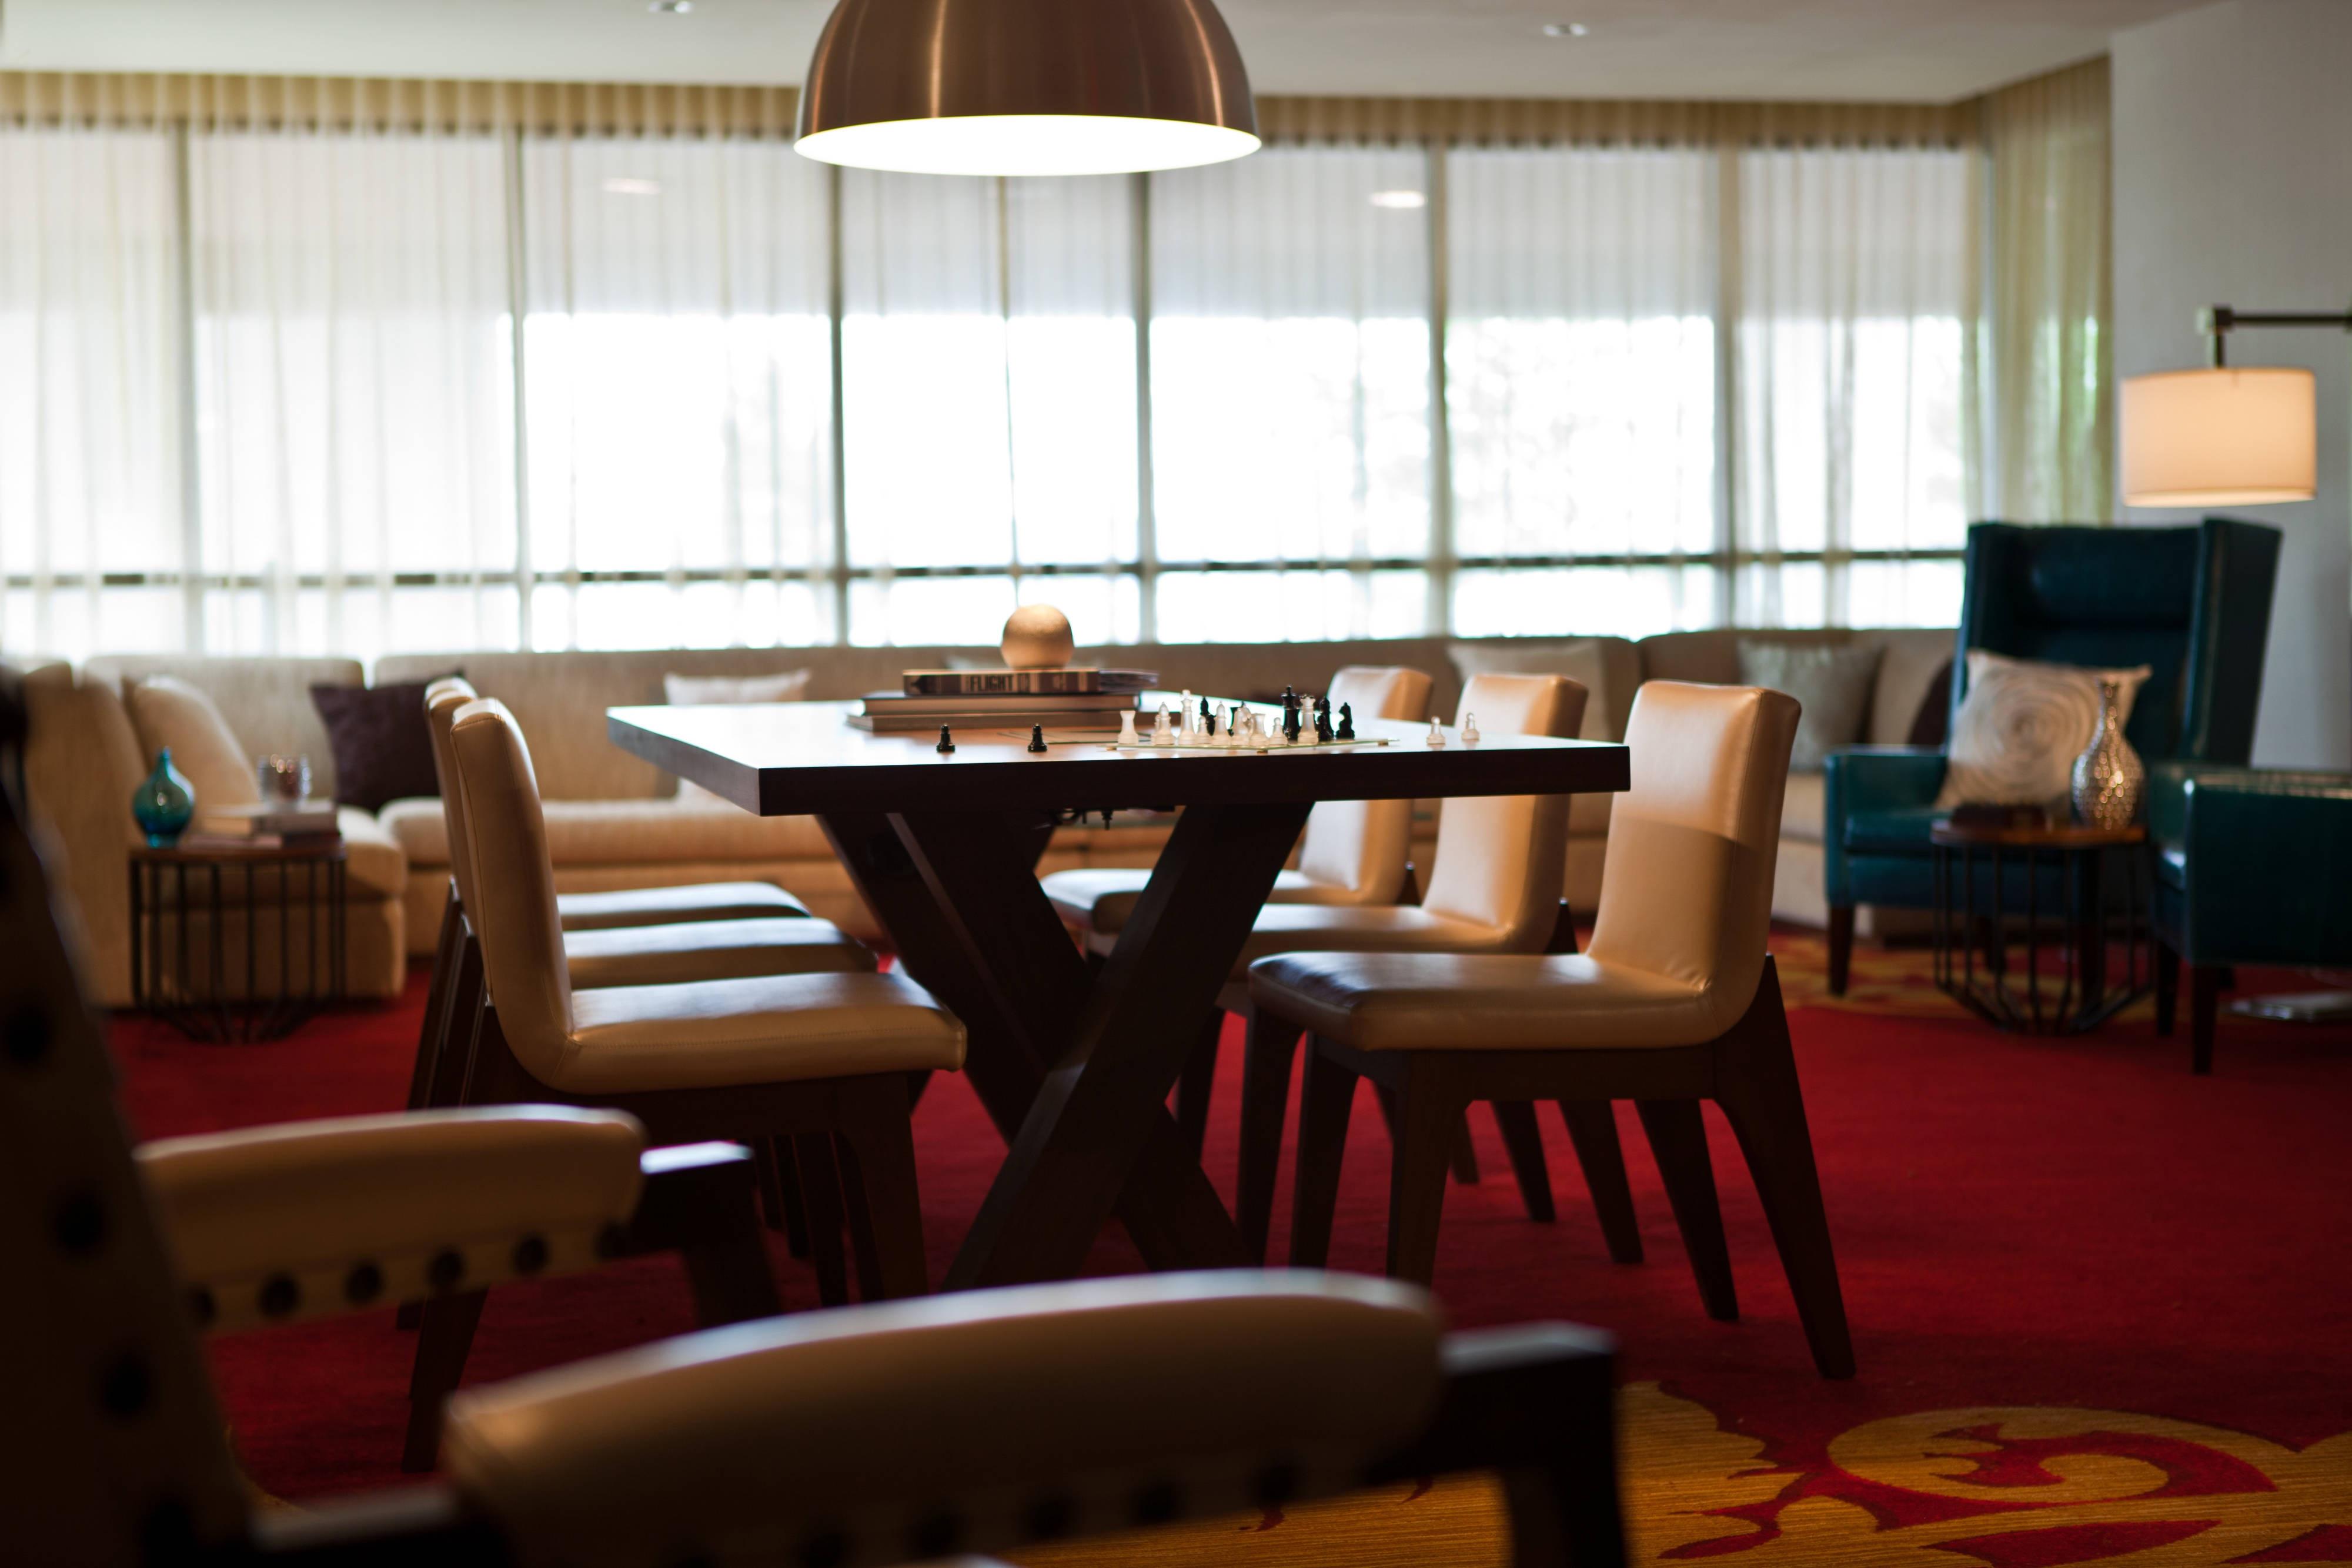 Elizabeth New Jersey hotels